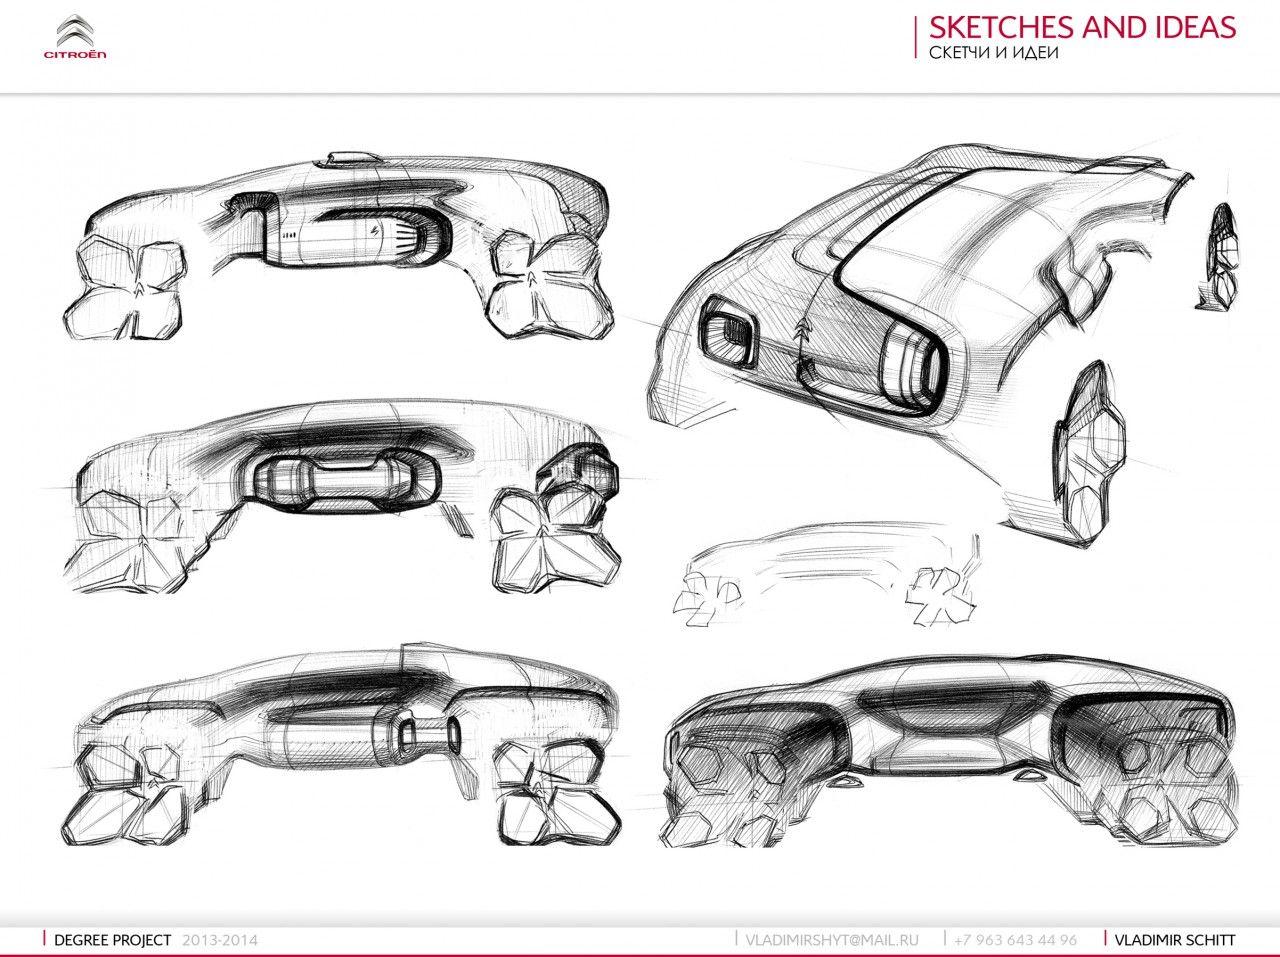 Cardesign.ru - Главный ресурс о транспортном дизайне. Дизайн авто ...